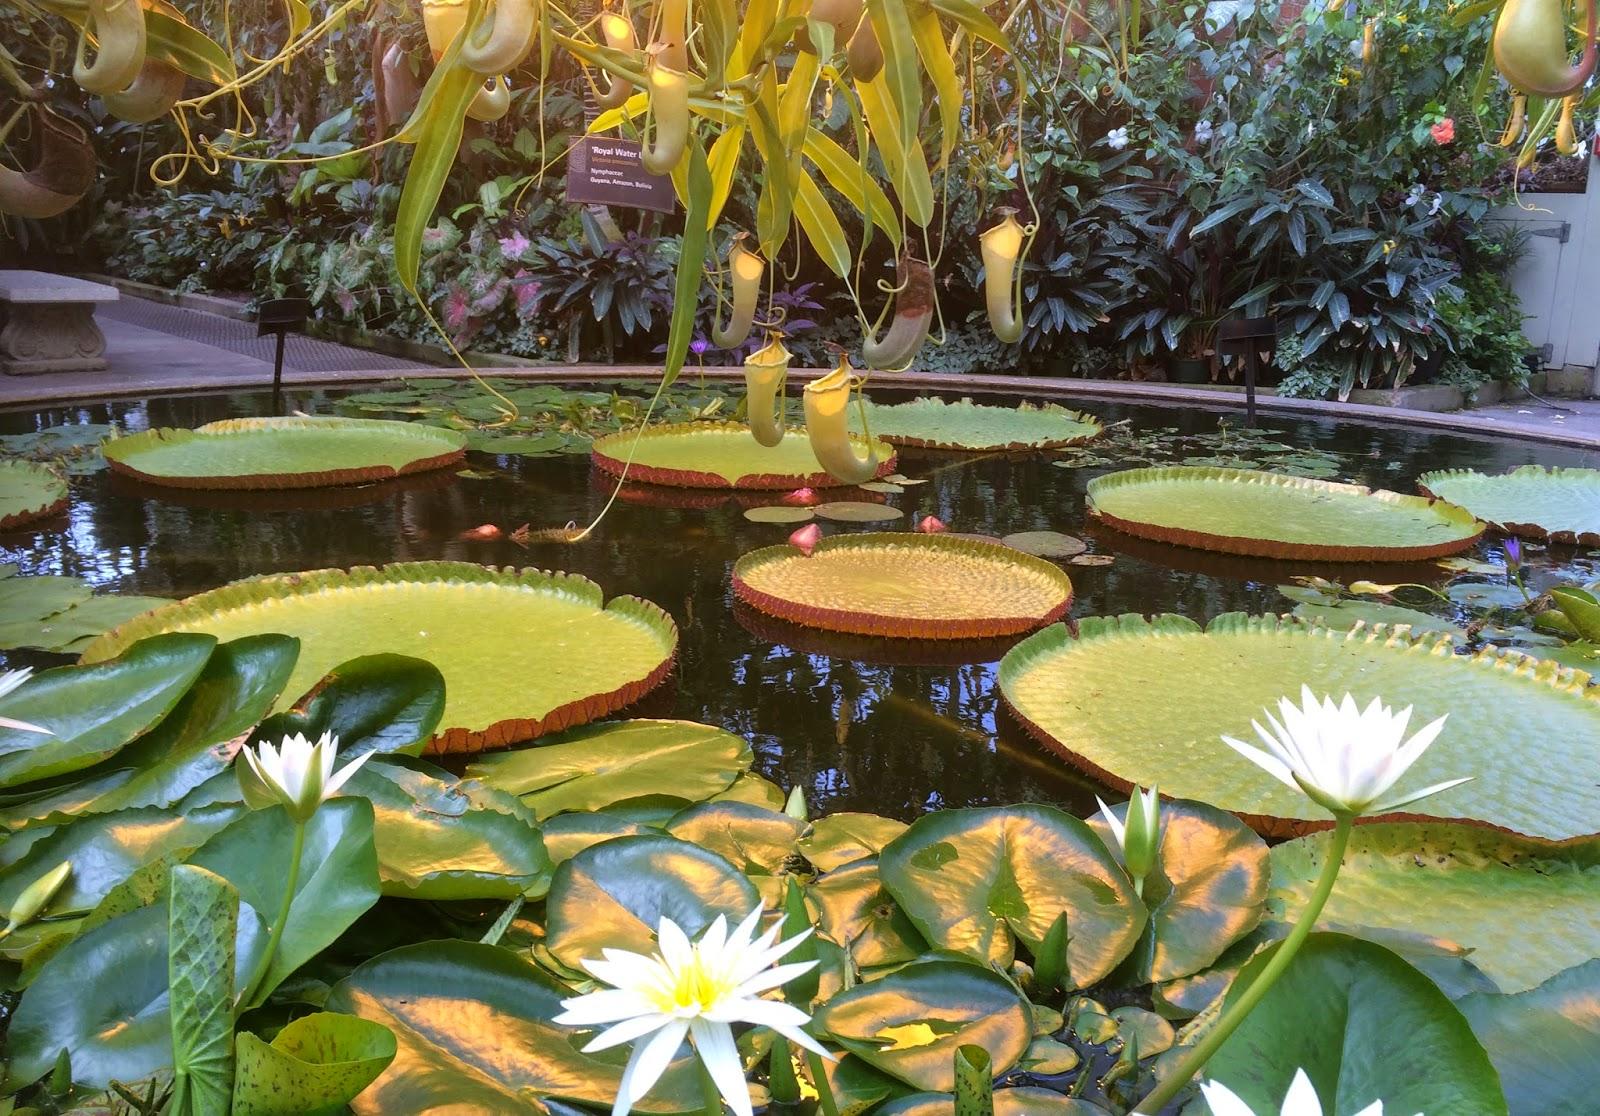 仙女與黃玫瑰 紐西蘭奧克蘭 11 中央公園 auckland domain 冬季